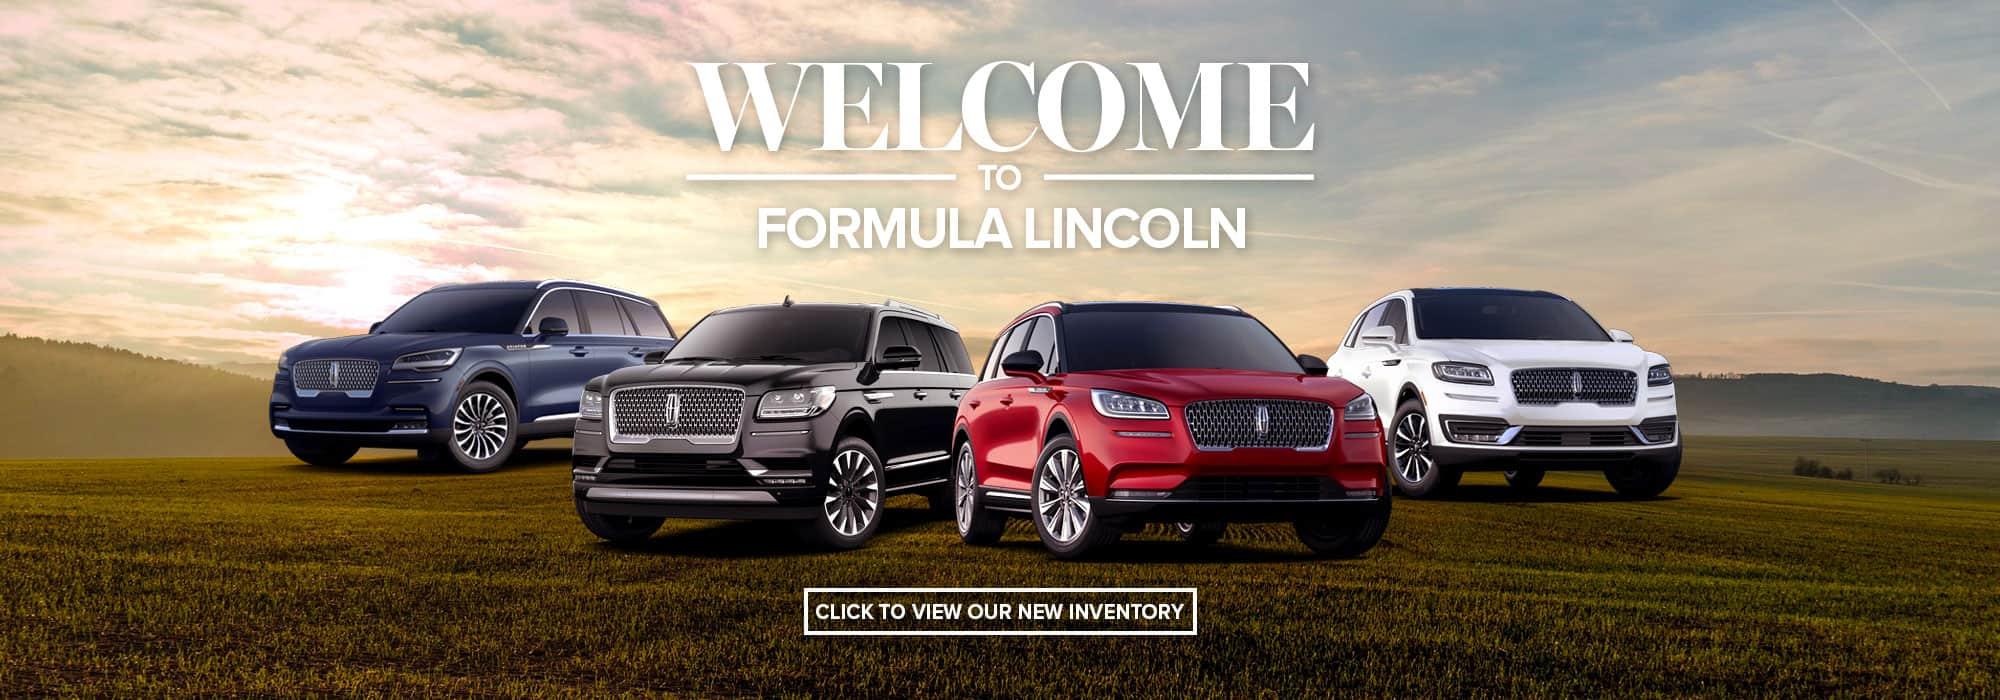 formula-lincoln-default-slide-2021